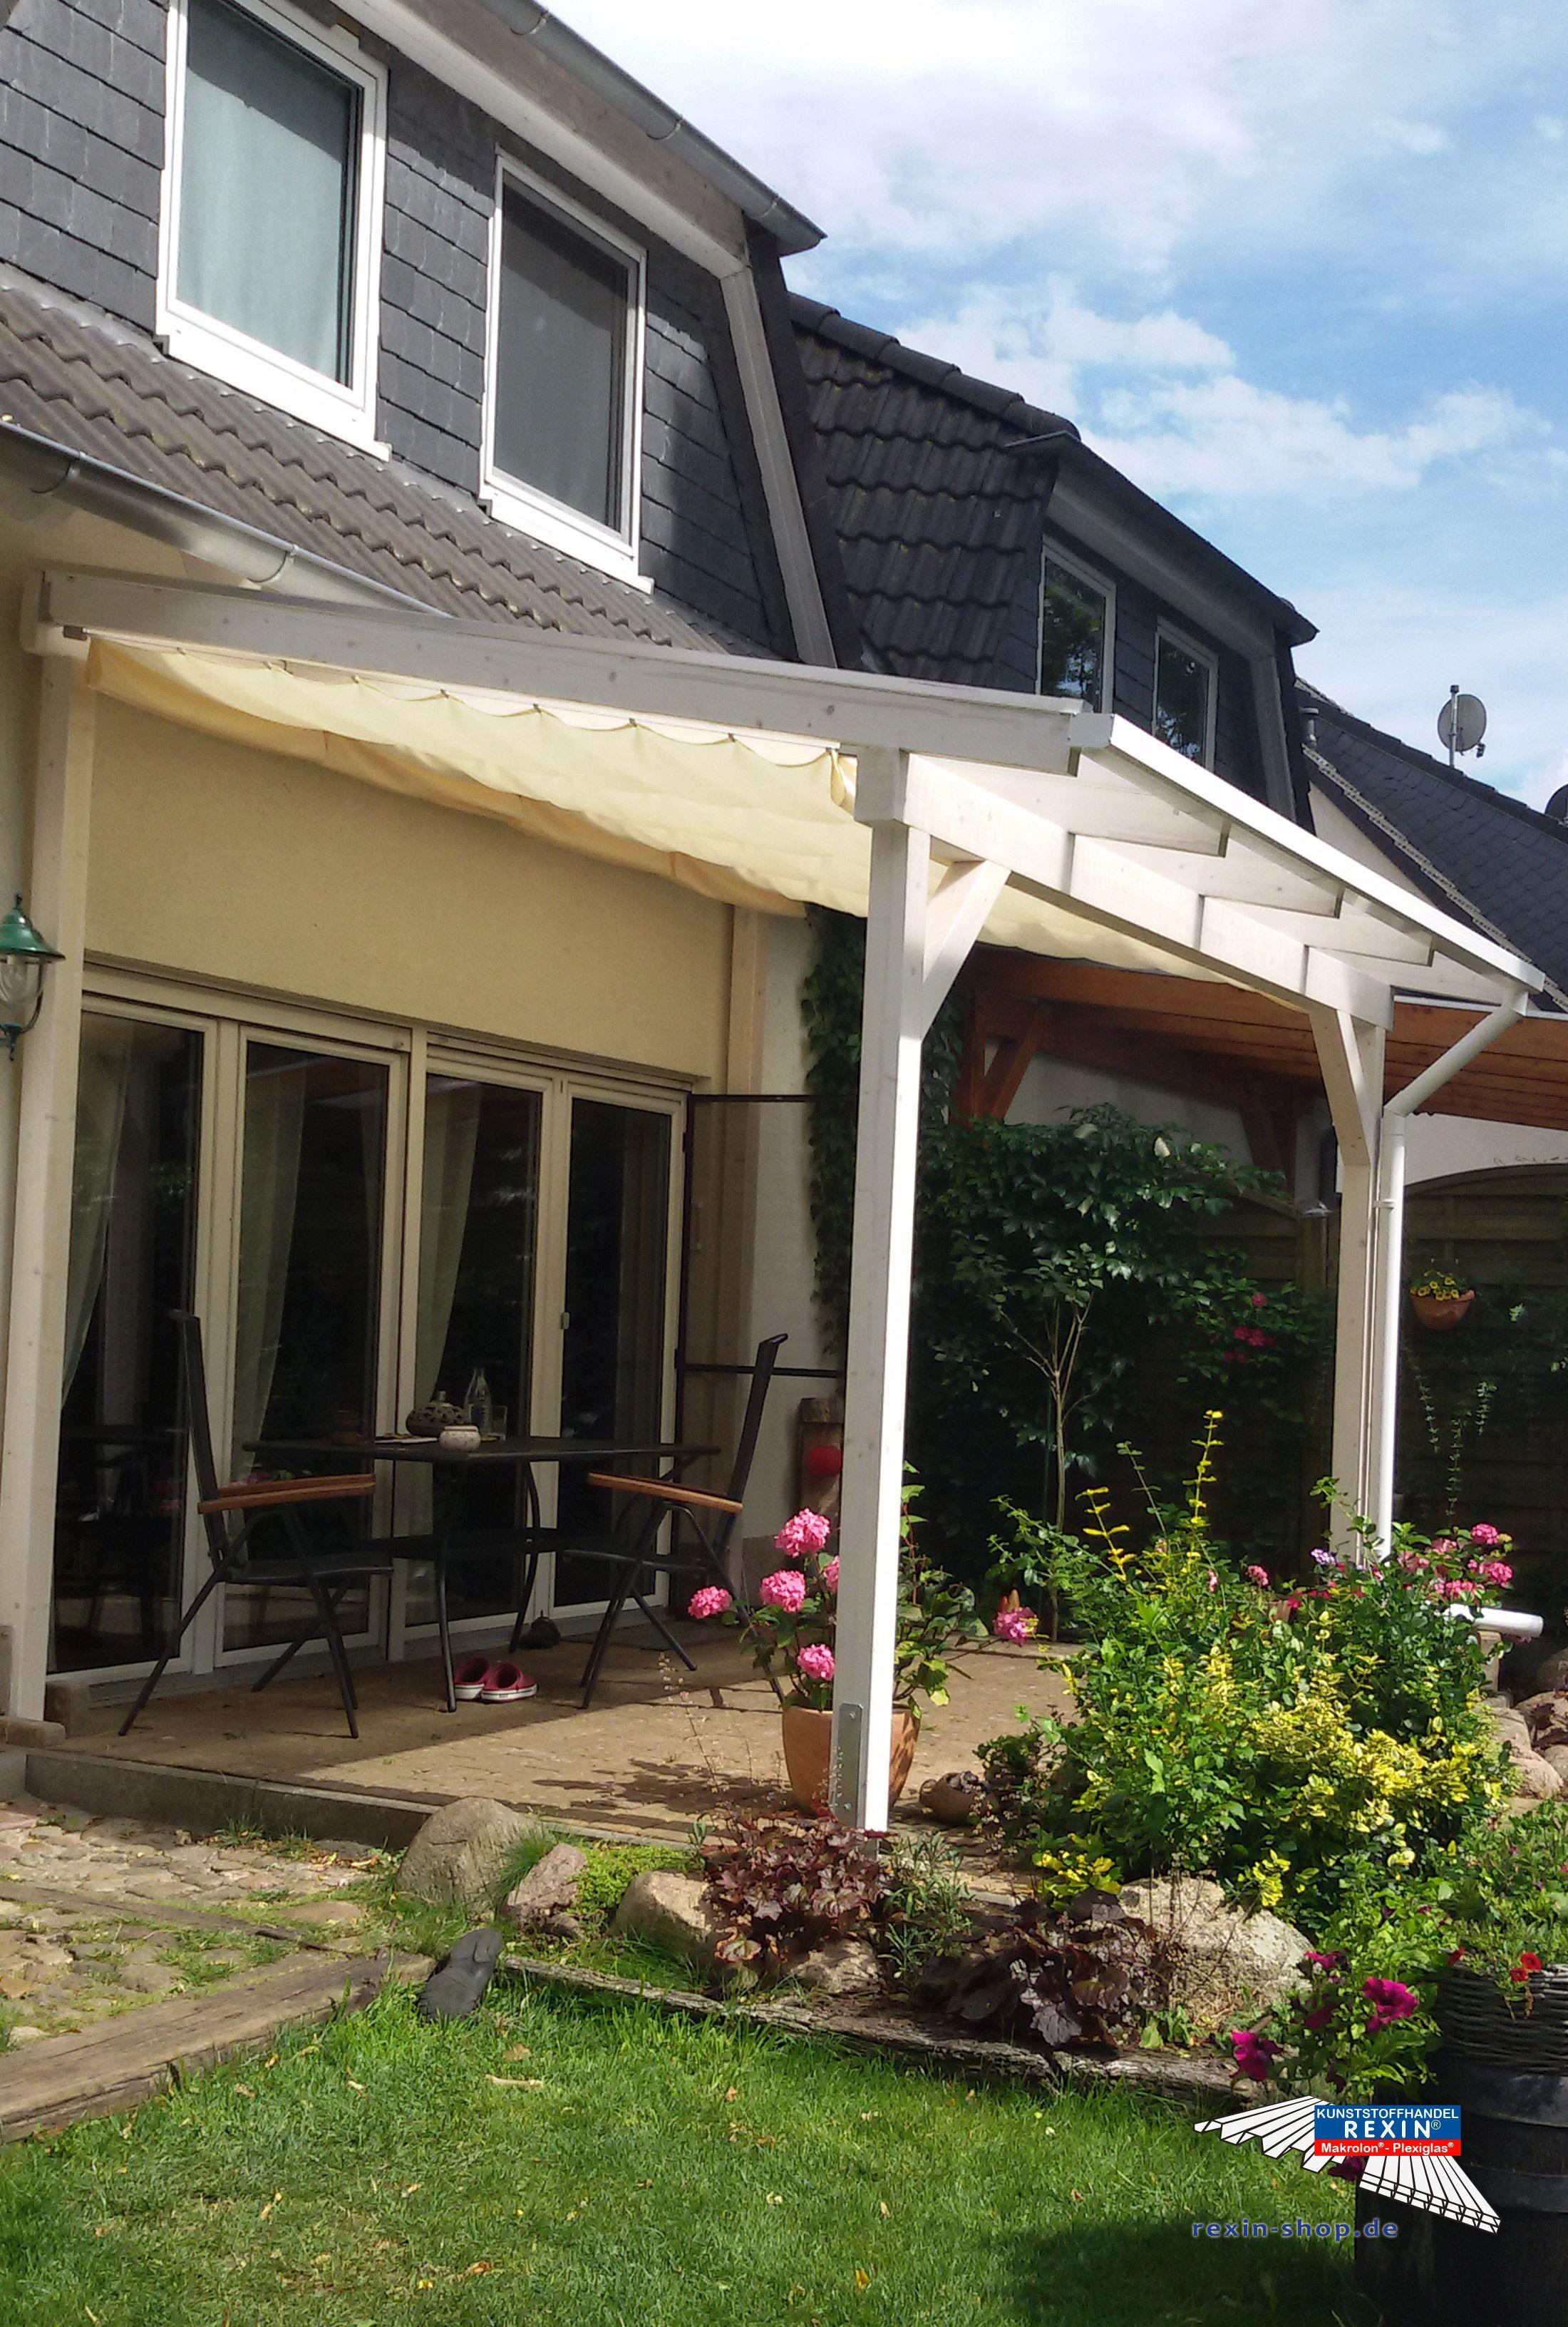 Ein Holz Terrassendach Der Marke Rexocomplete 4m X 3m In Weiss Mit